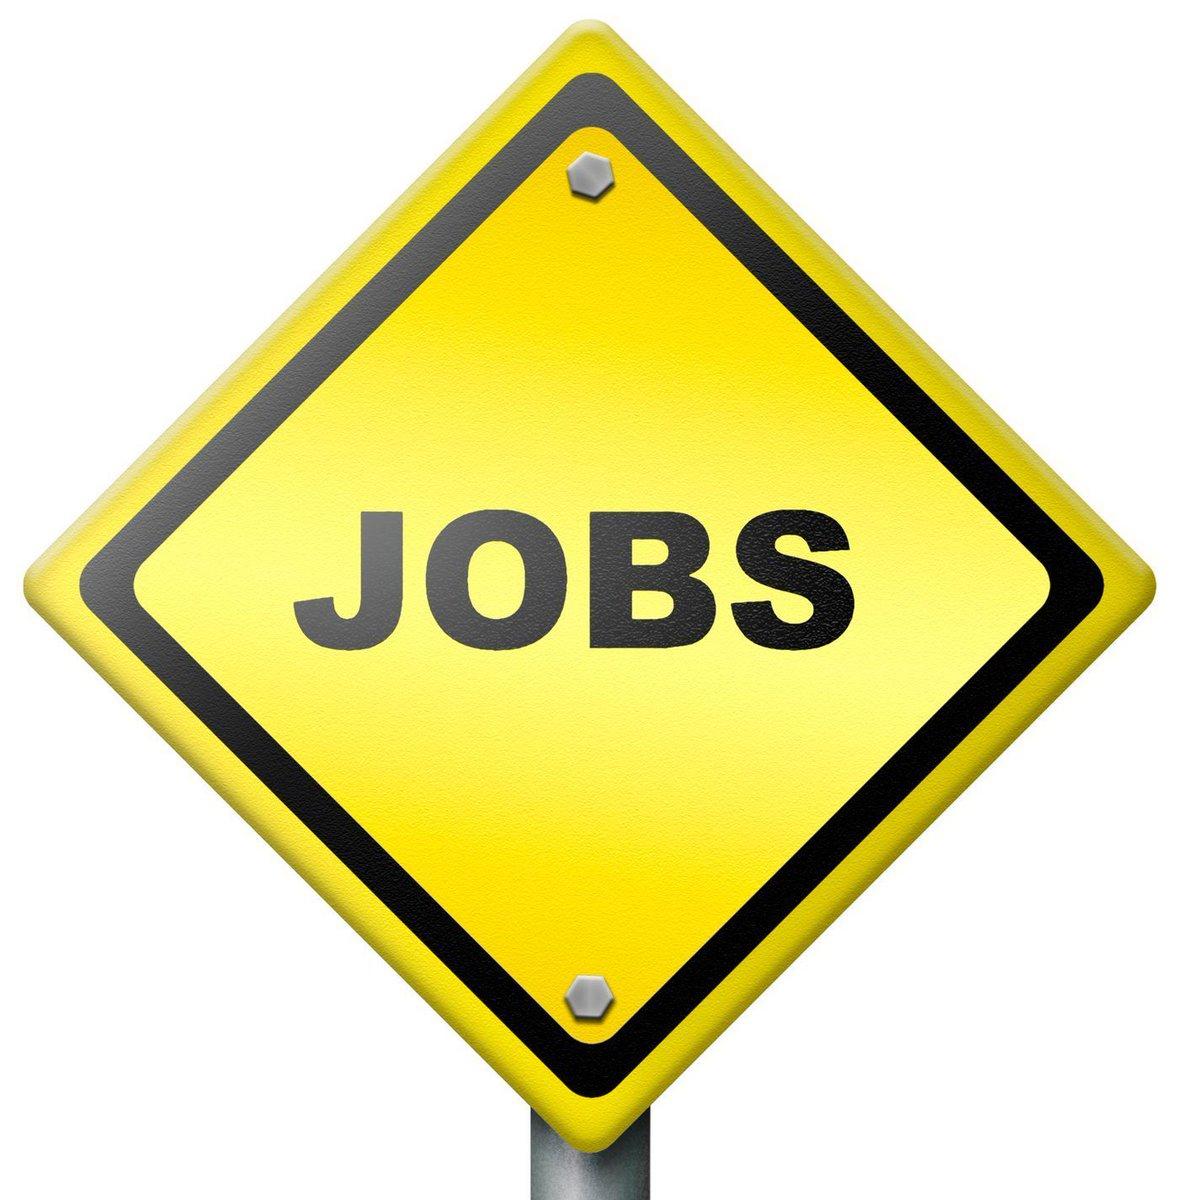 SALARY + UNCAPPED COMMISSION ⚠️🔩🔨 HIRING a Recruiter for Construction Staffing!!! JOB DETAILS: https://t.co/rerjffNchv  #recruiters #ConstructionJobs #constructionworker #jobfairy #jobinterview #jobcenter #JobAlert #JobsDuringCorona #jobseekersa #joblisting #JobKeeper #Jobs https://t.co/daIZftQbK5